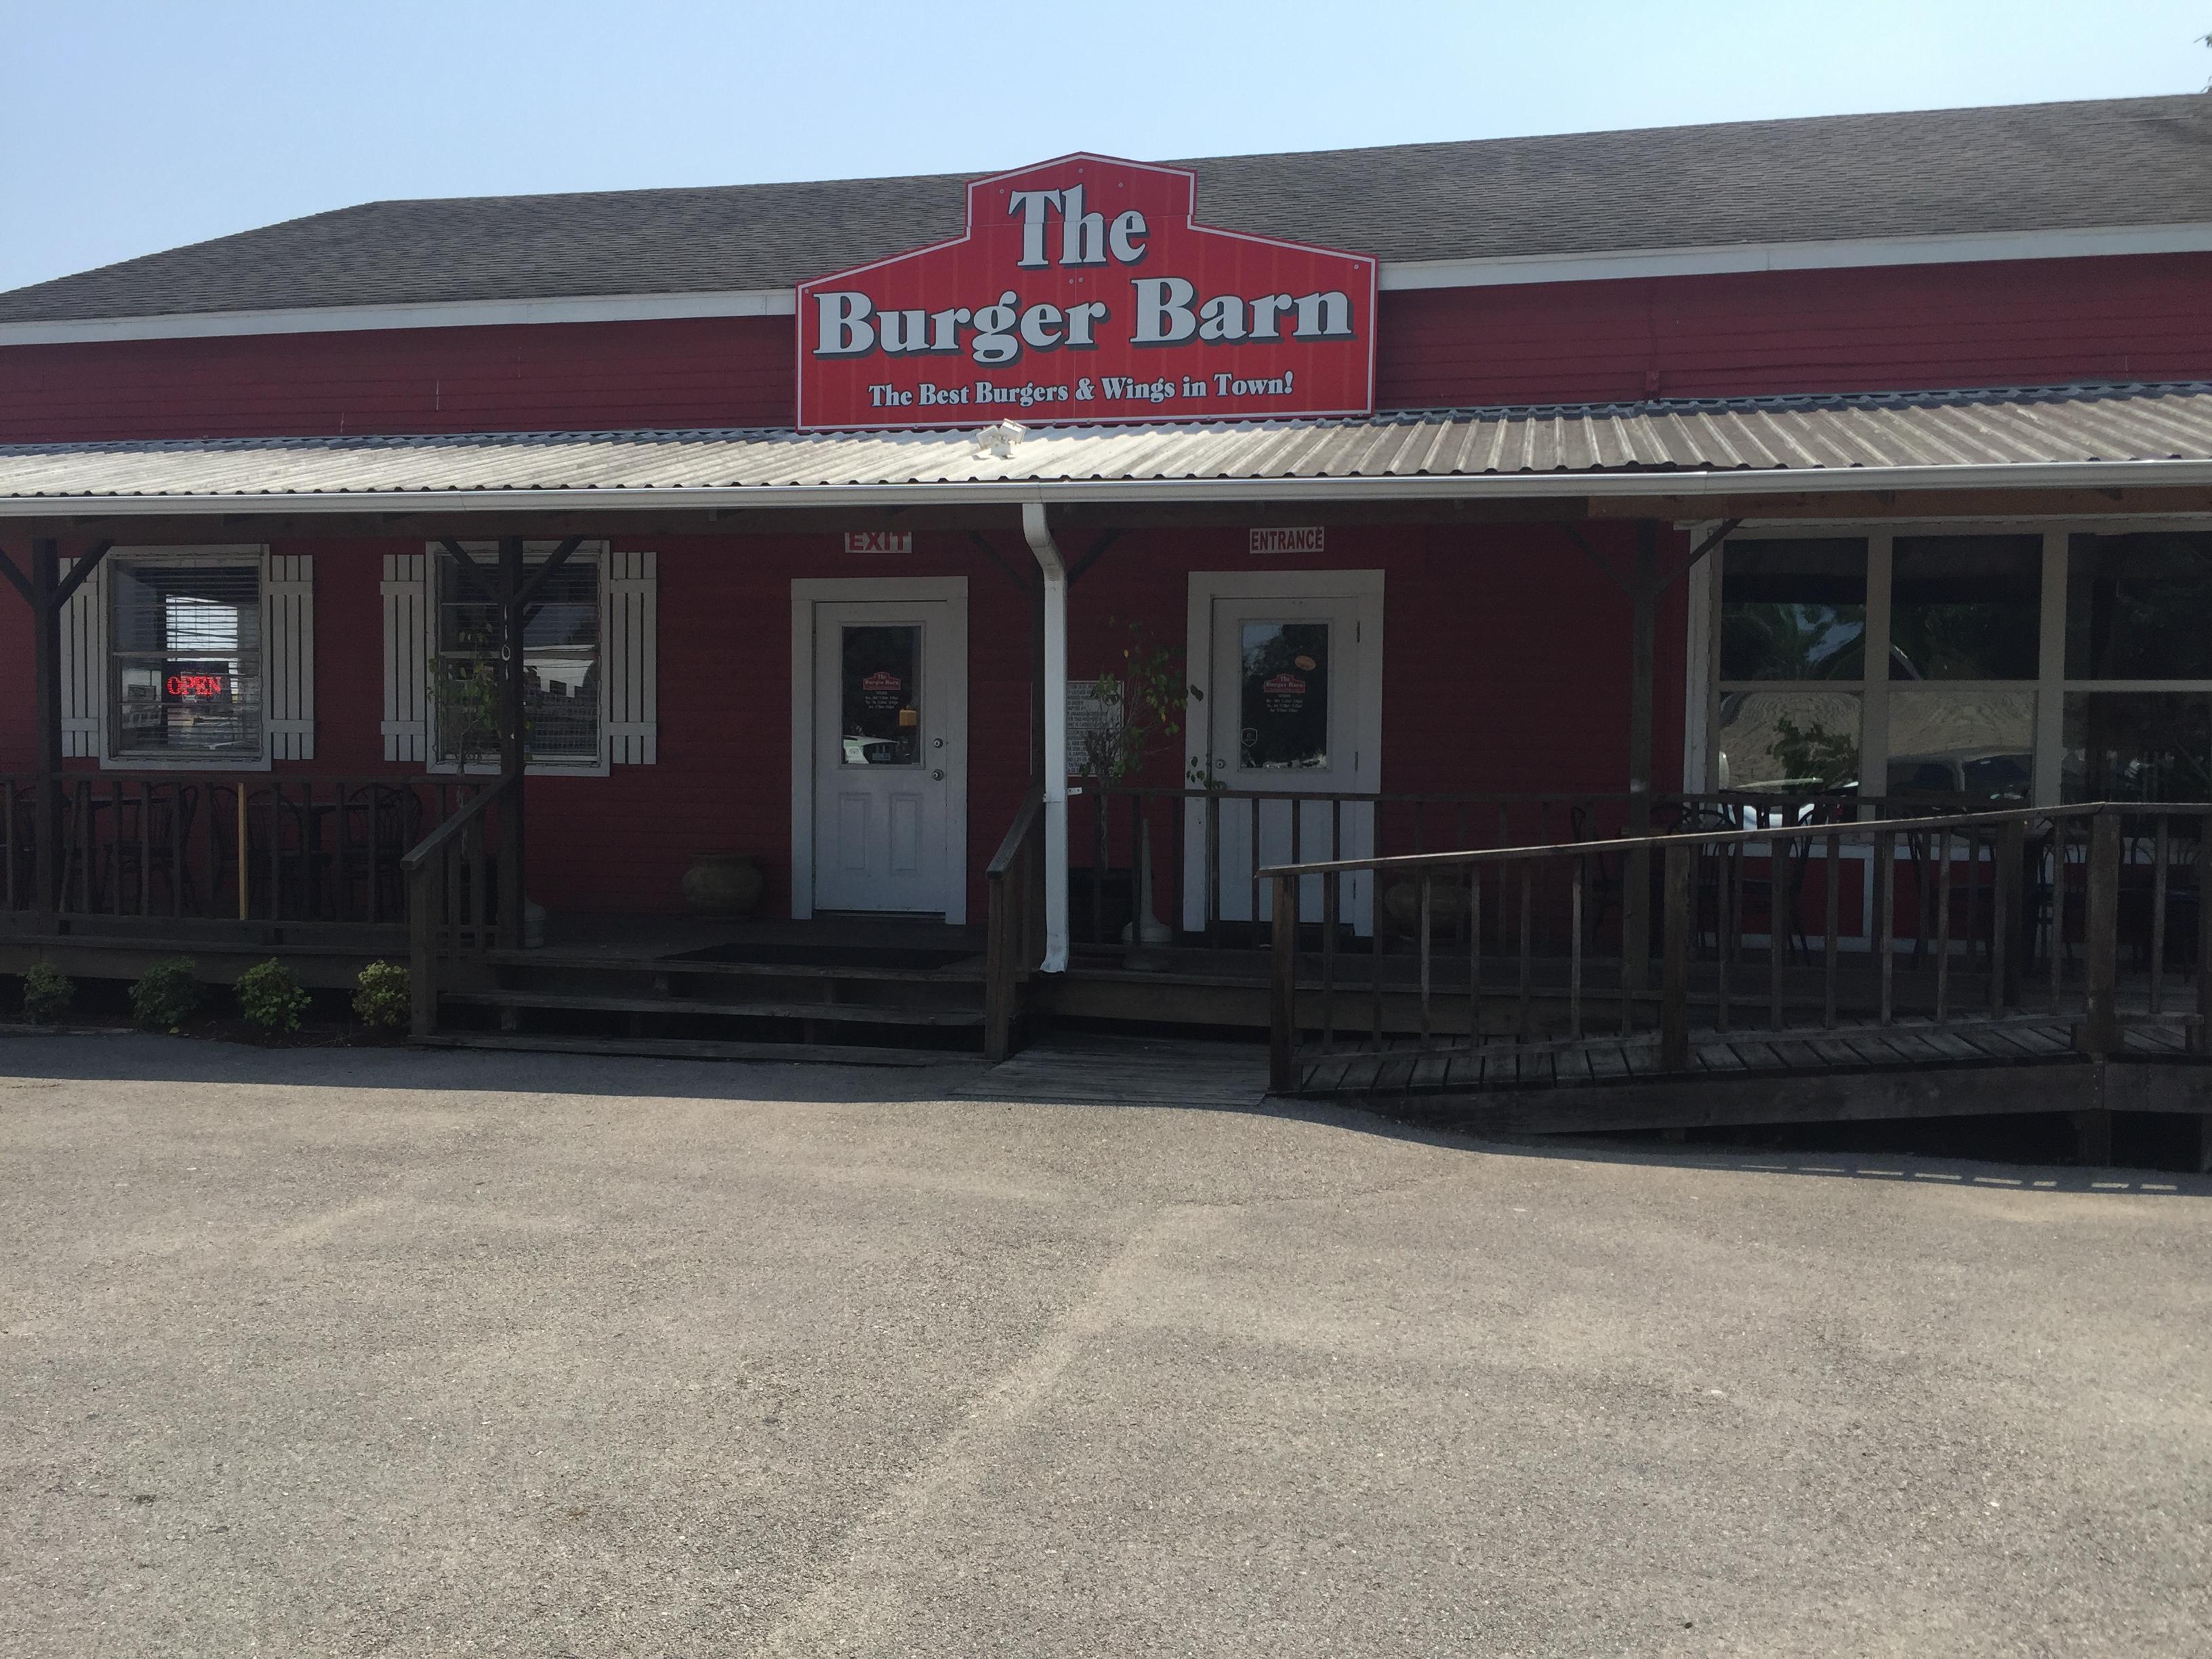 The Burger Barn Explore Texas